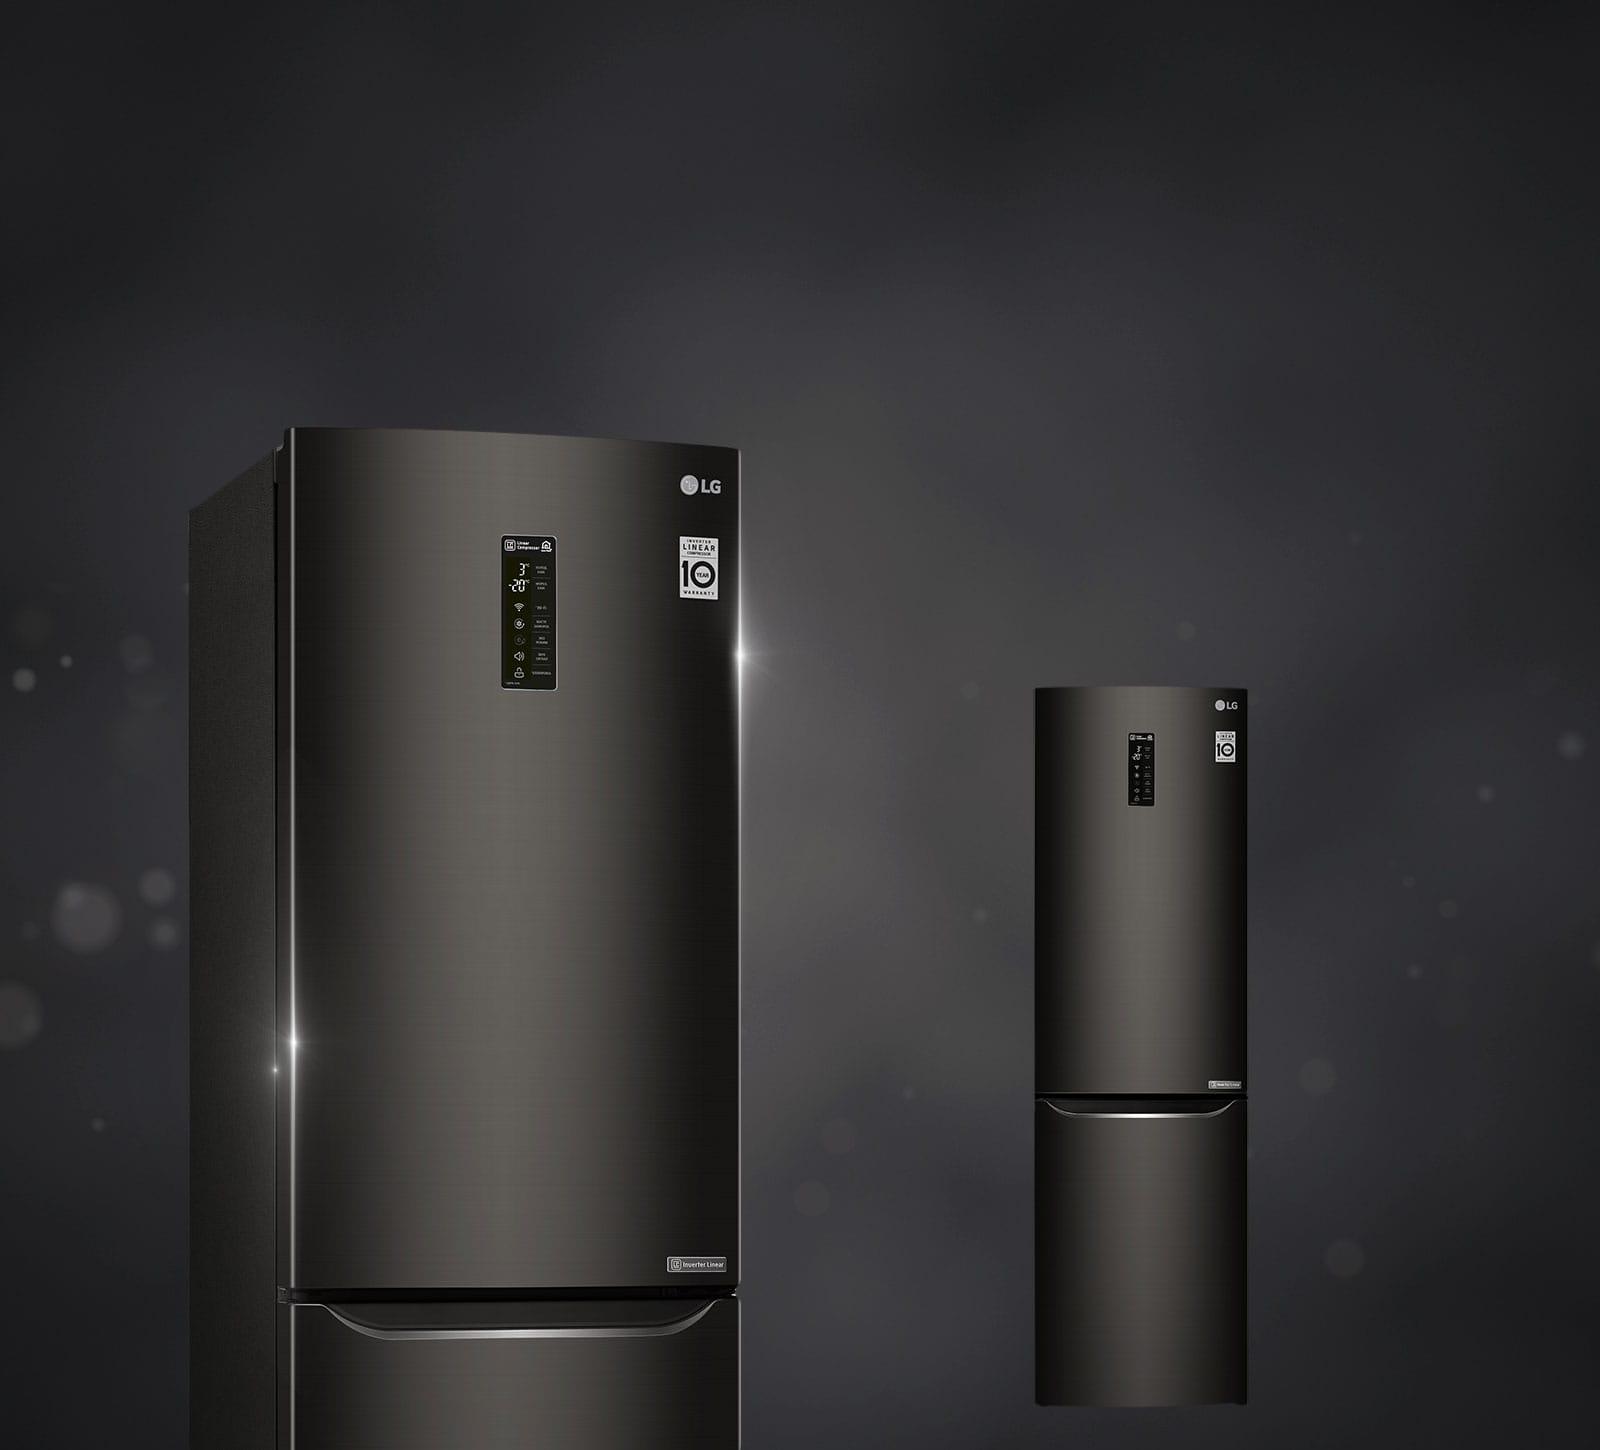 LG GA-B 429 SMQZ